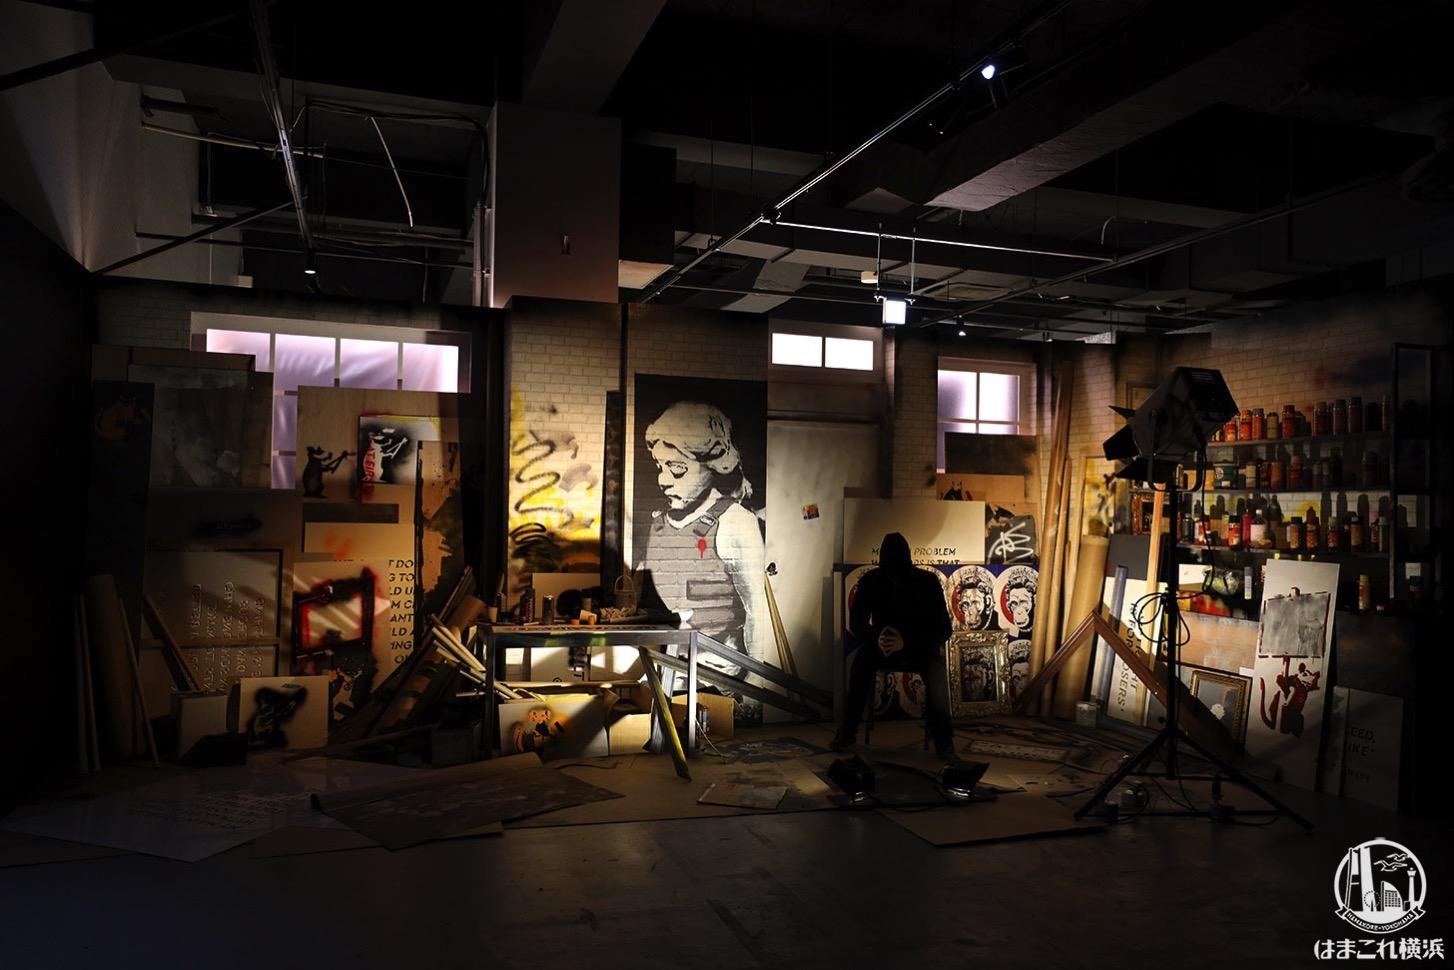 バンクシー展 天才か反逆者か、横浜で日本初開催!70点以上の作品集まる会場内公開